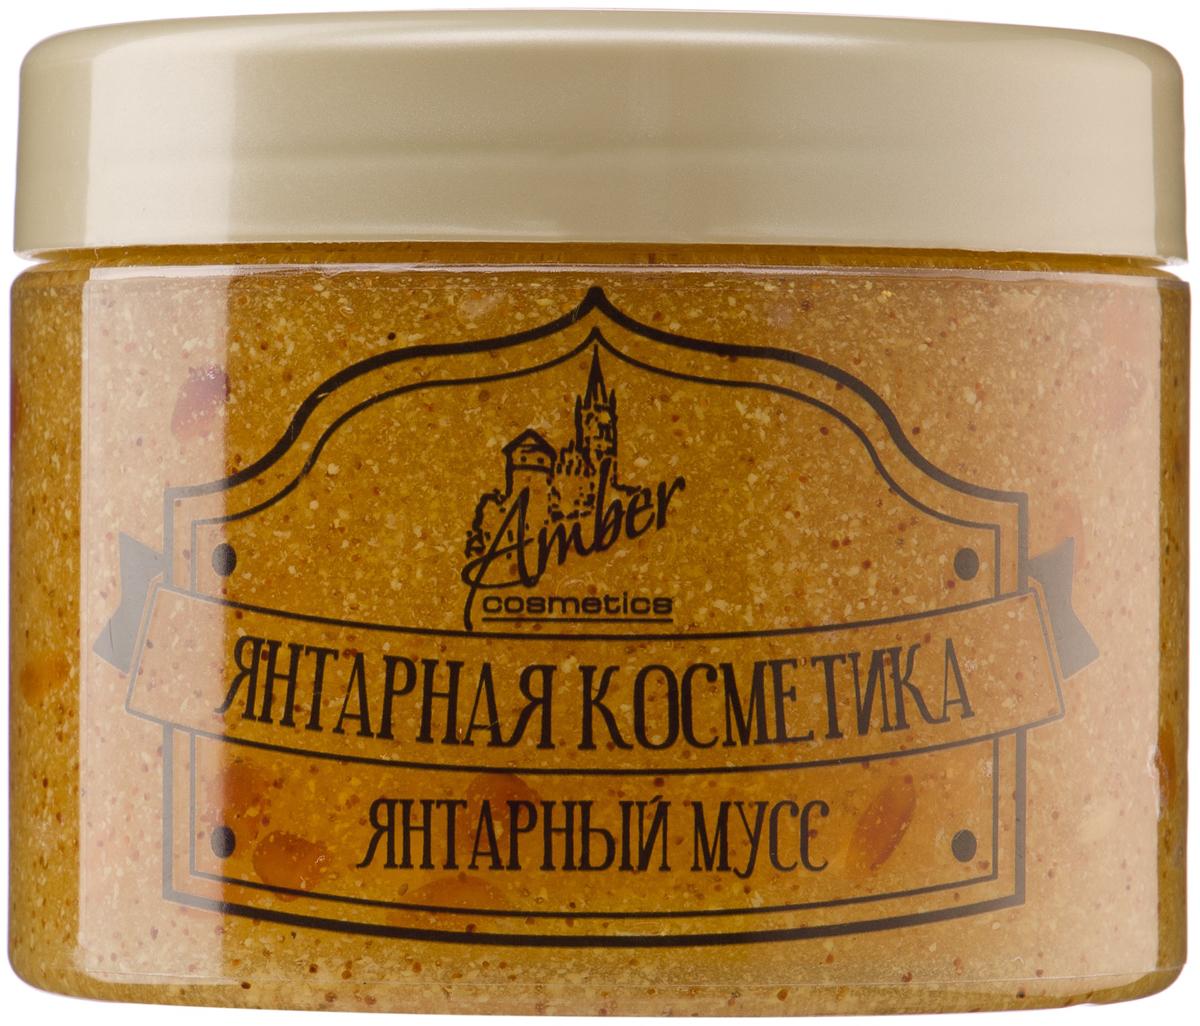 Ambercosmetics Мусс для тела янтарный, 300 мл4627120600123Янтарный мусс со скрабирующим эффектом - одно из лучших натуральных средств для очищения кожи. В результате регулярного использования мусса кожа становится более подтянутой, гладкой и упругой. В составе мусса содержится большое количество витаминов С и Е, микроэлементы, а также незаменимые жирные кислоты. Мусс хорошо увлажняет кожу, имеет выраженный антицелюлитный эффект, после процедуры на теле остается легкий аромат и ощутимое увлажнение. Полный состав: Очищенная вода с органическим маслом семян северной клюквы, масленый экстракт ягод дикого нанайского лимонника, глицерин, скорлупа кедового ореха, Polyethylene, Lauryl Glucoside, Carbomer, жмых ягод дикого нанайского лимонника, органическое масло семян таежной брусники, коричневый сахар, витамин С, Sodium Hydroxide, Benzyl Alcohol, Ethylhexylglycerin, Parfum, 100 процентный природный балтийский янтарь.